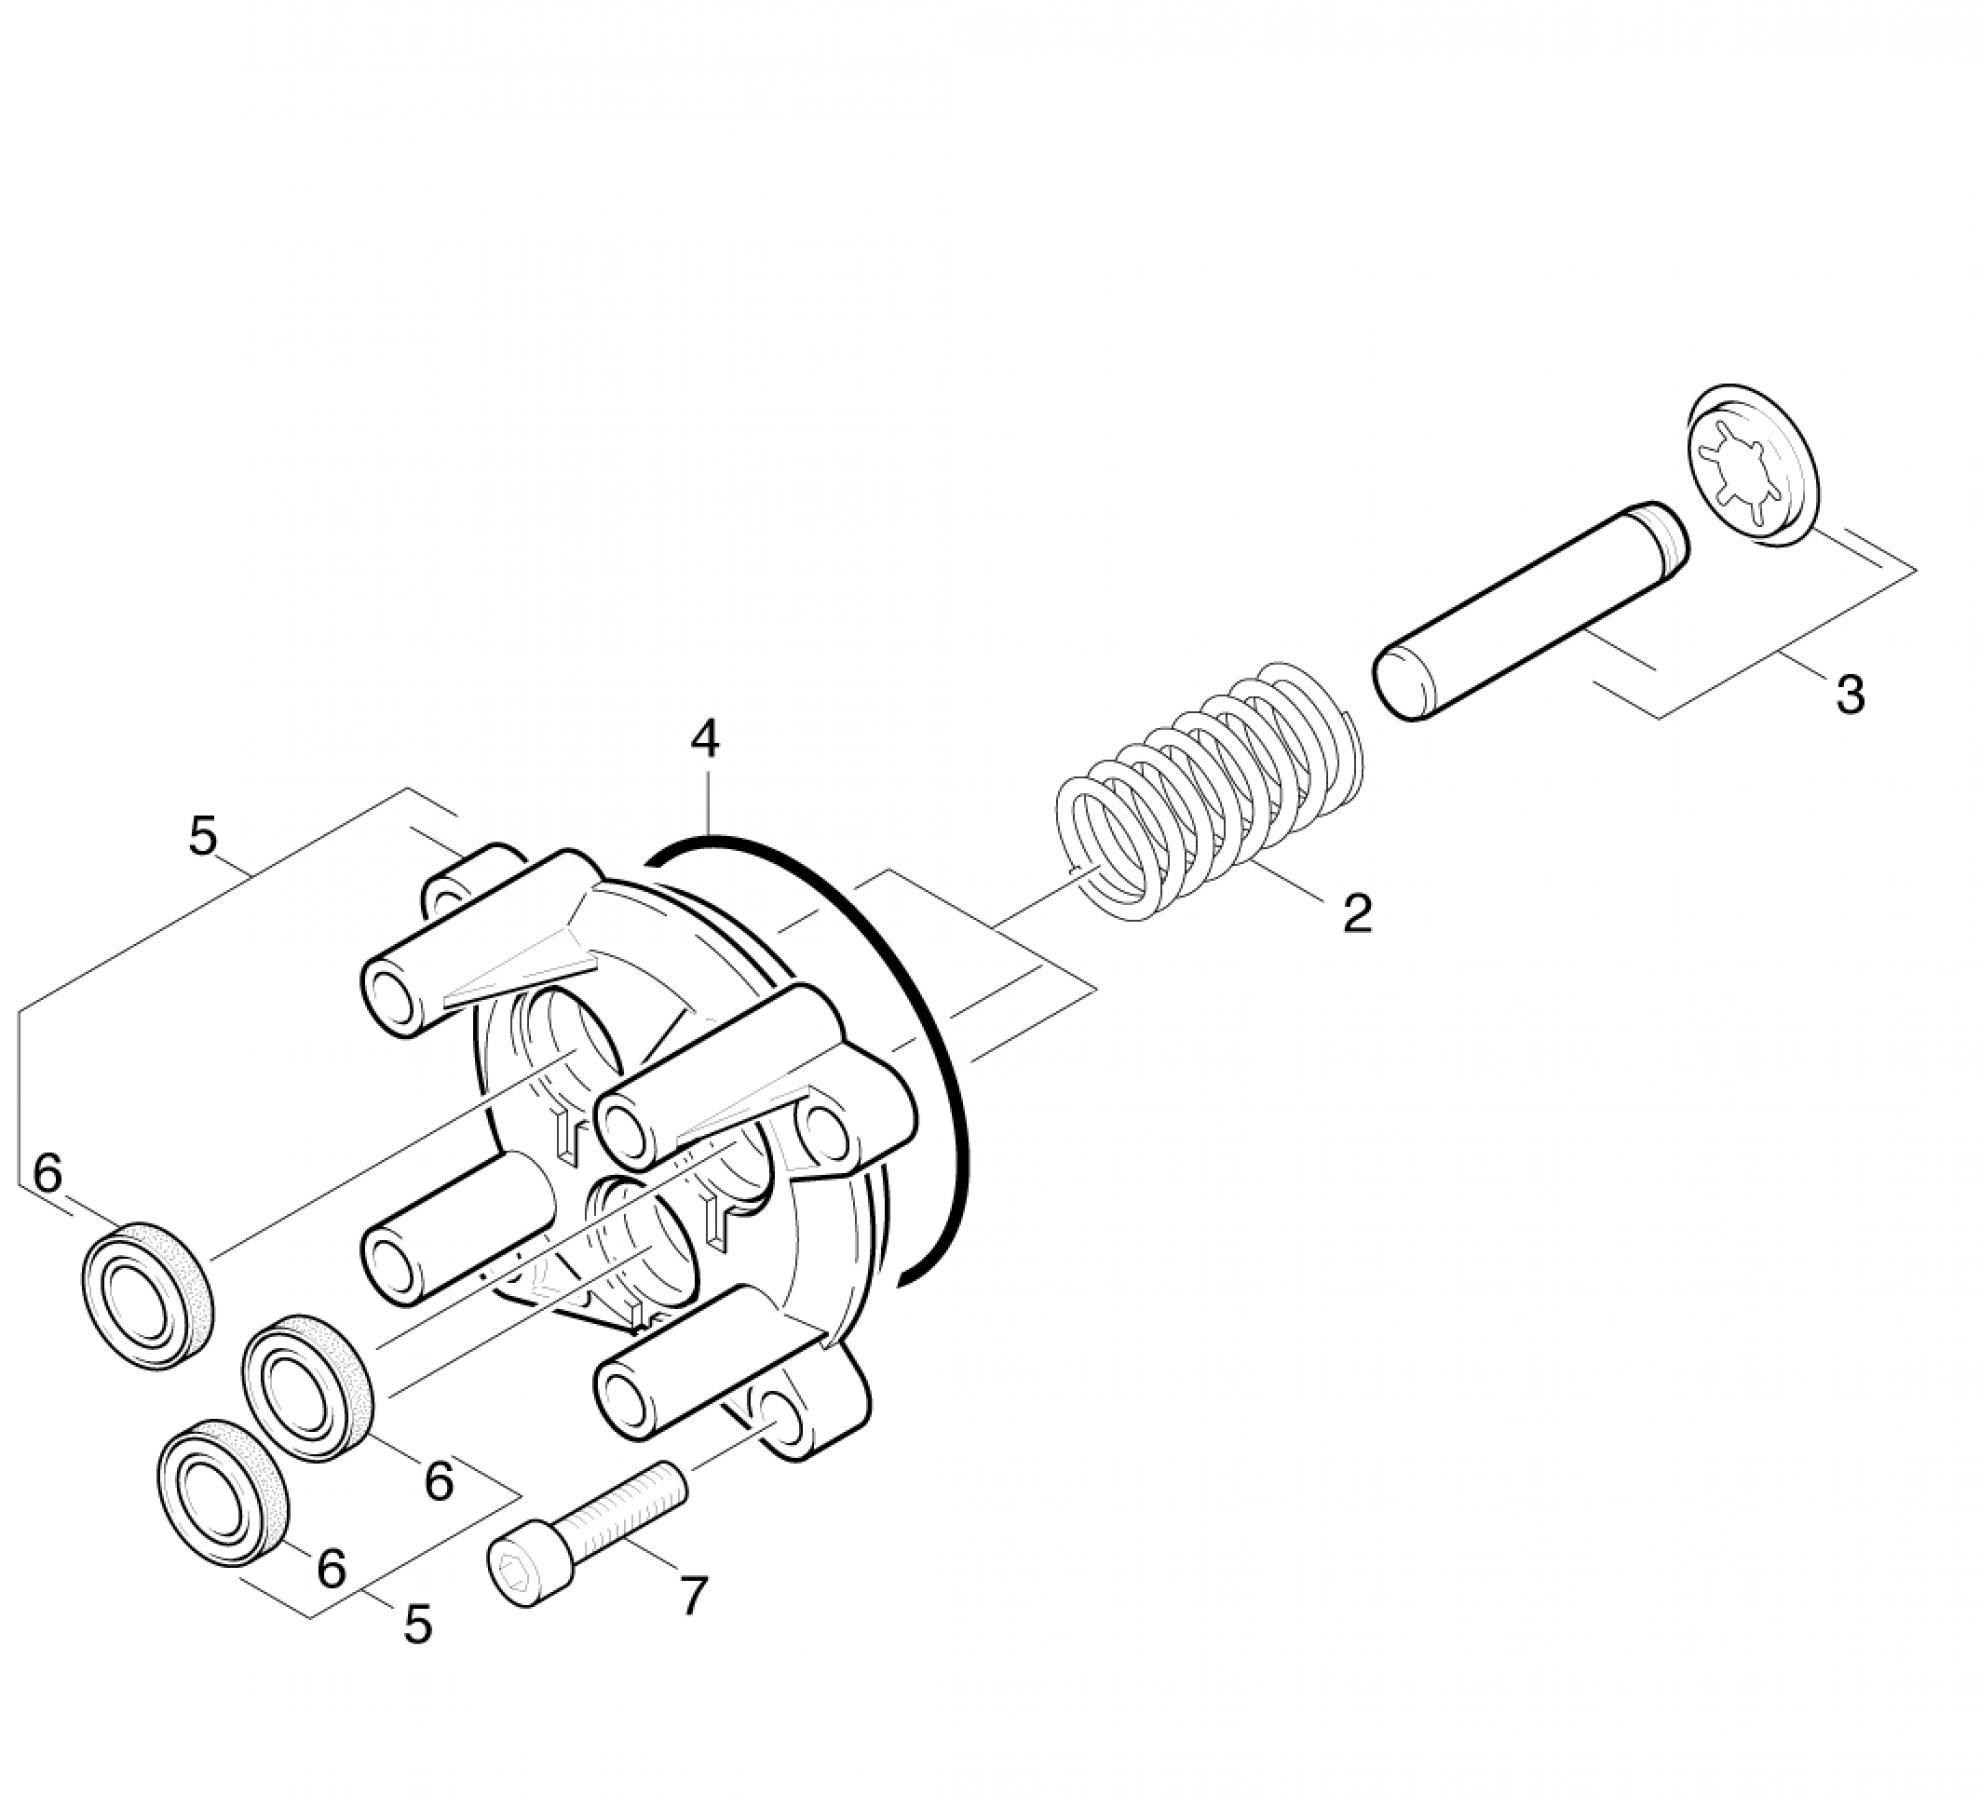 Pi ces d tach es nettoyeur haute pression karcher k 460 m - Karcher pieces detachees nettoyeur haute pression ...